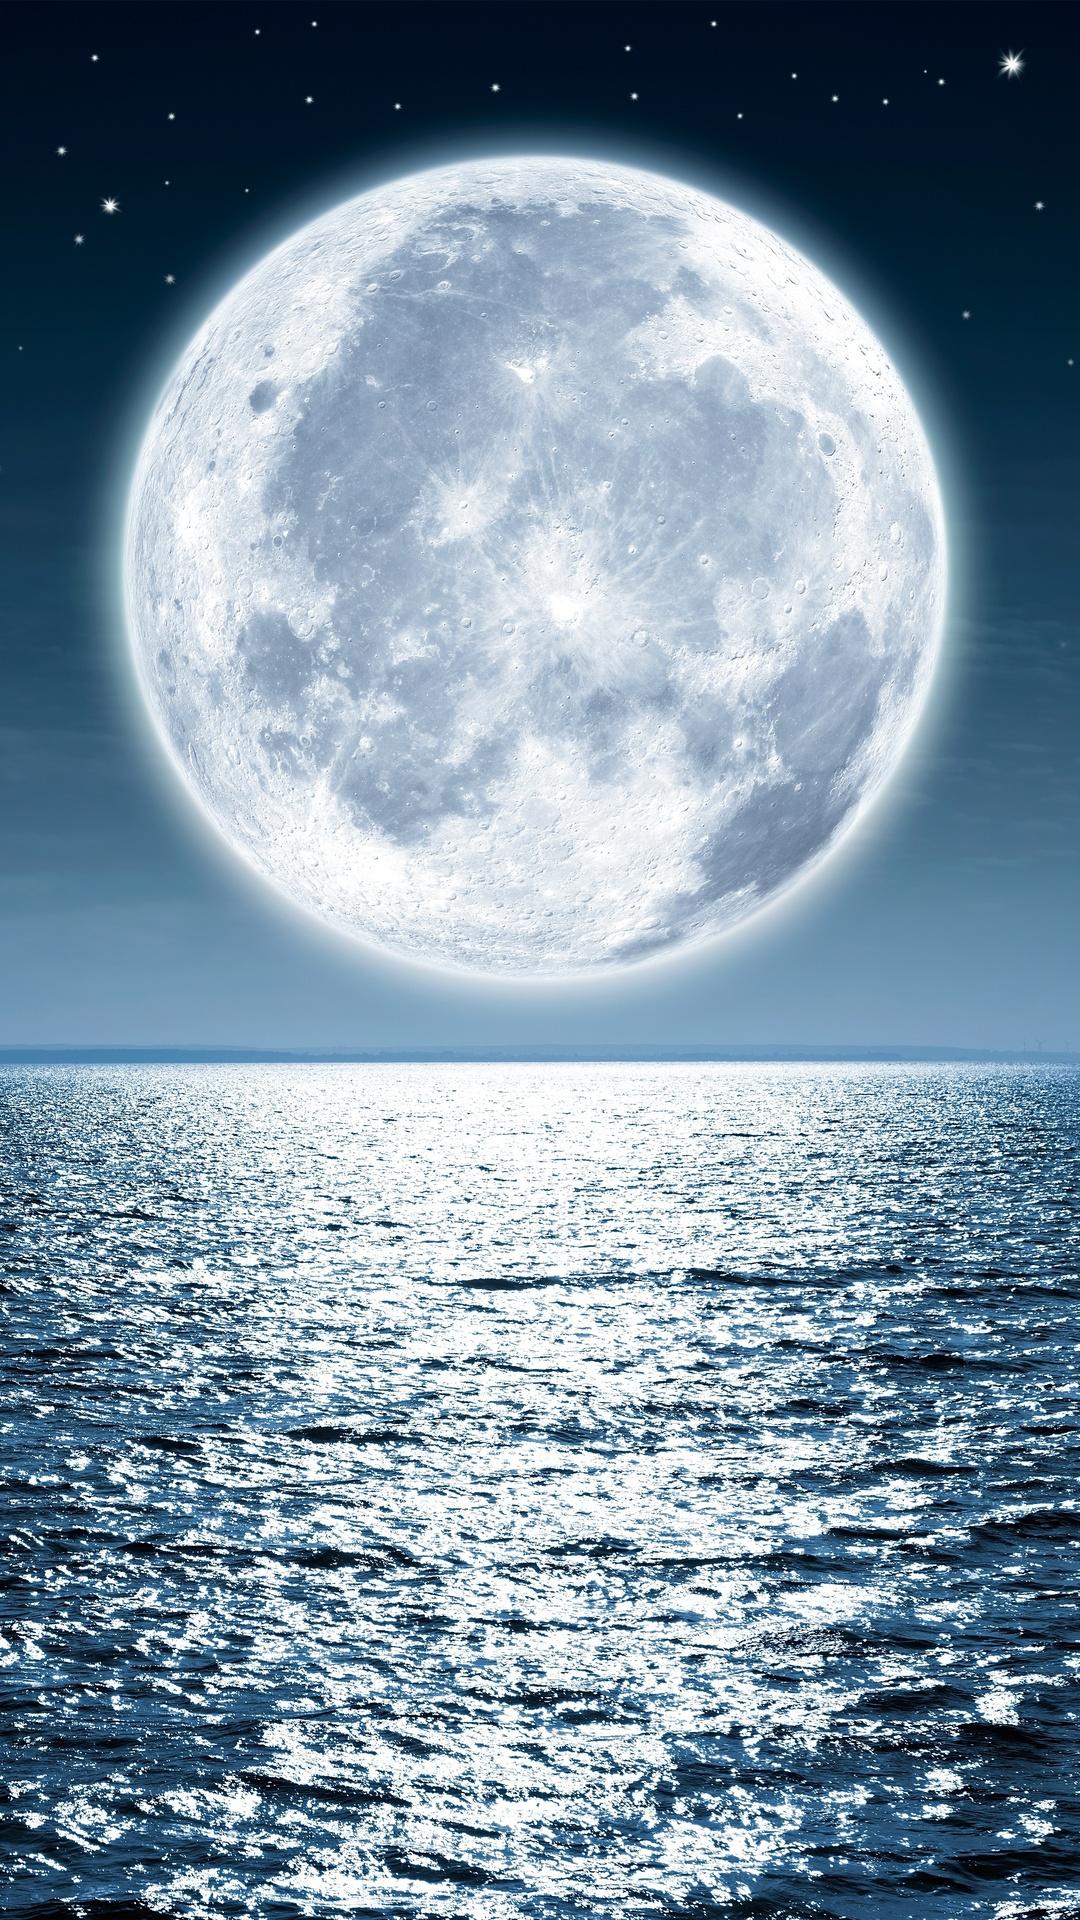 Papel De Parede Lua Cheia No Mar